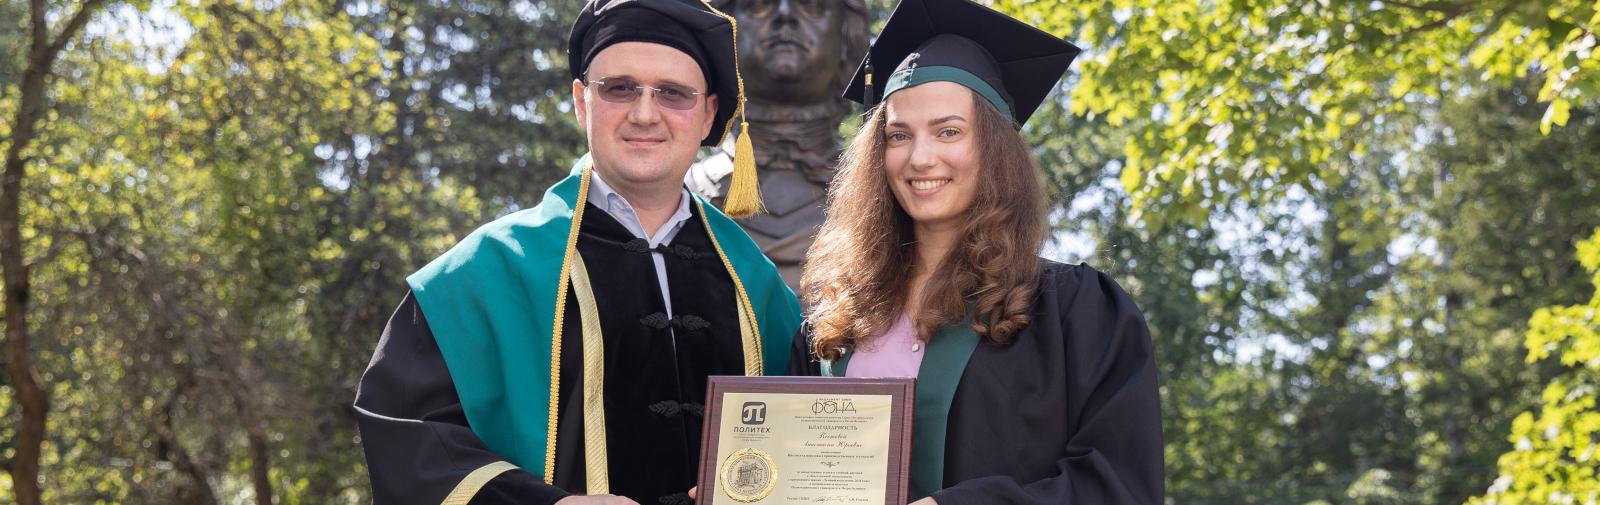 Выпускница Высшей школы технологического предпринимательства Анастасия Пестова награждена медалью и «золотым» дипломом Политеха